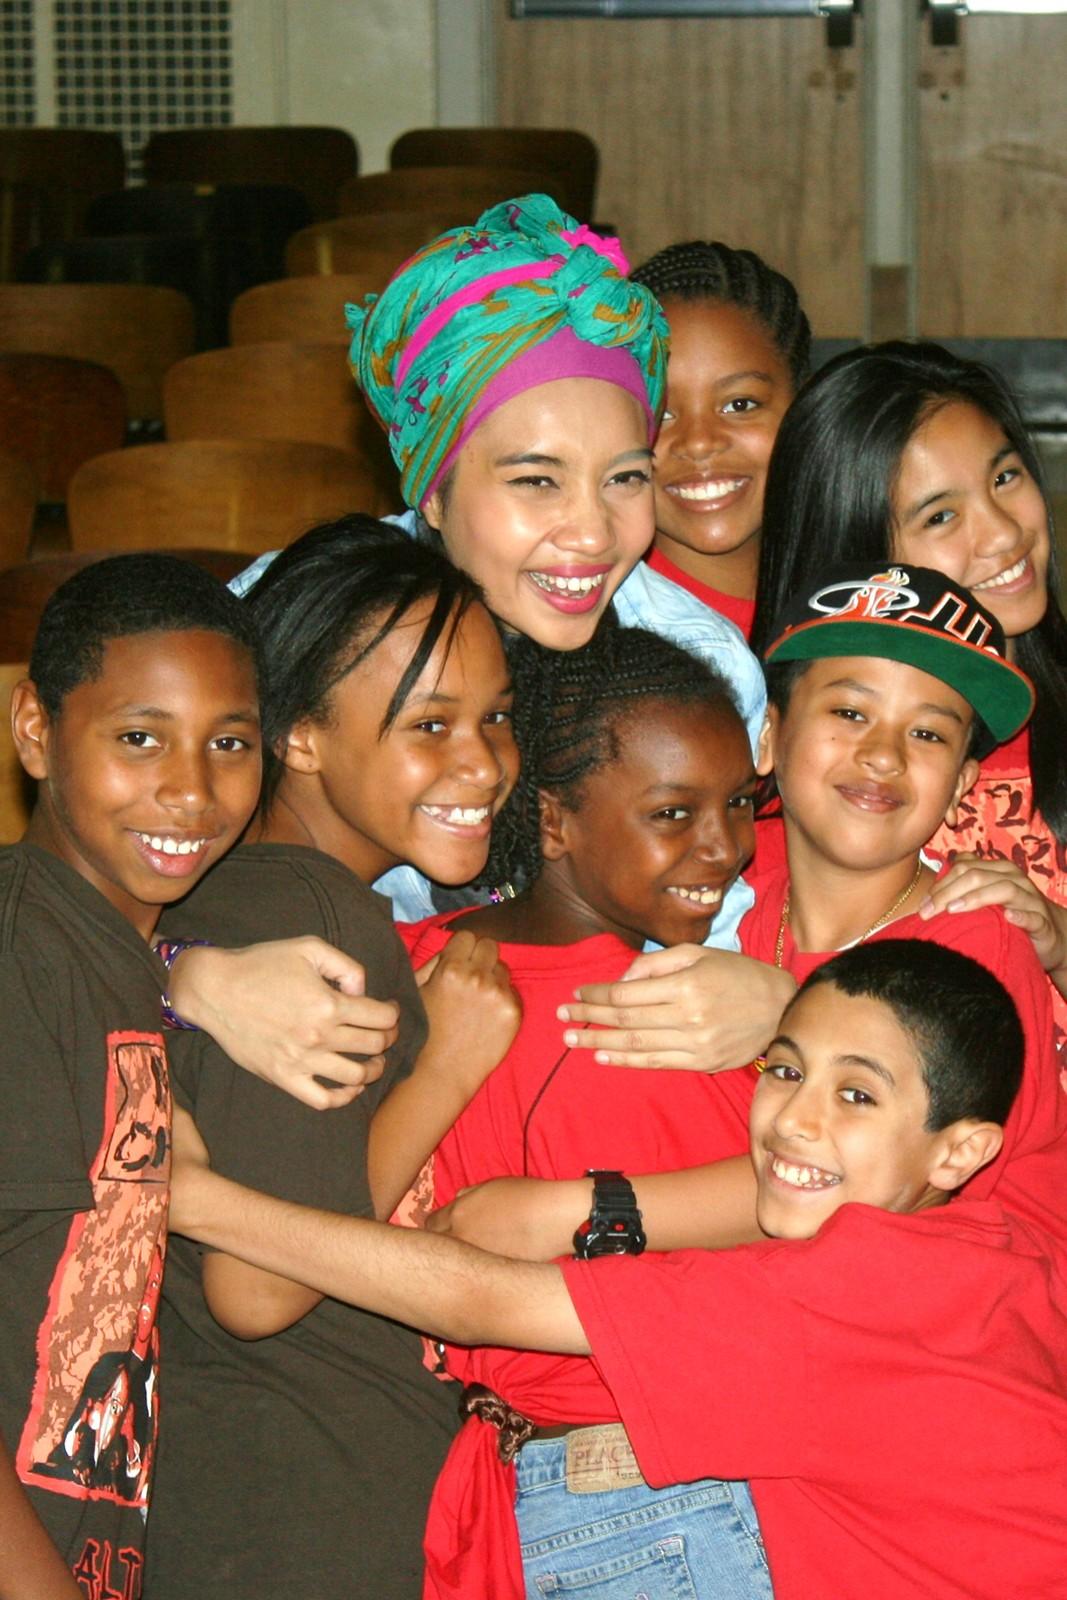 http://2.bp.blogspot.com/-Gzt9Vo8RlFo/T9sUQ56gwkI/AAAAAAAAG0I/DIc540HFFQQ/s1600/Yuna+hugs+kids.jpg